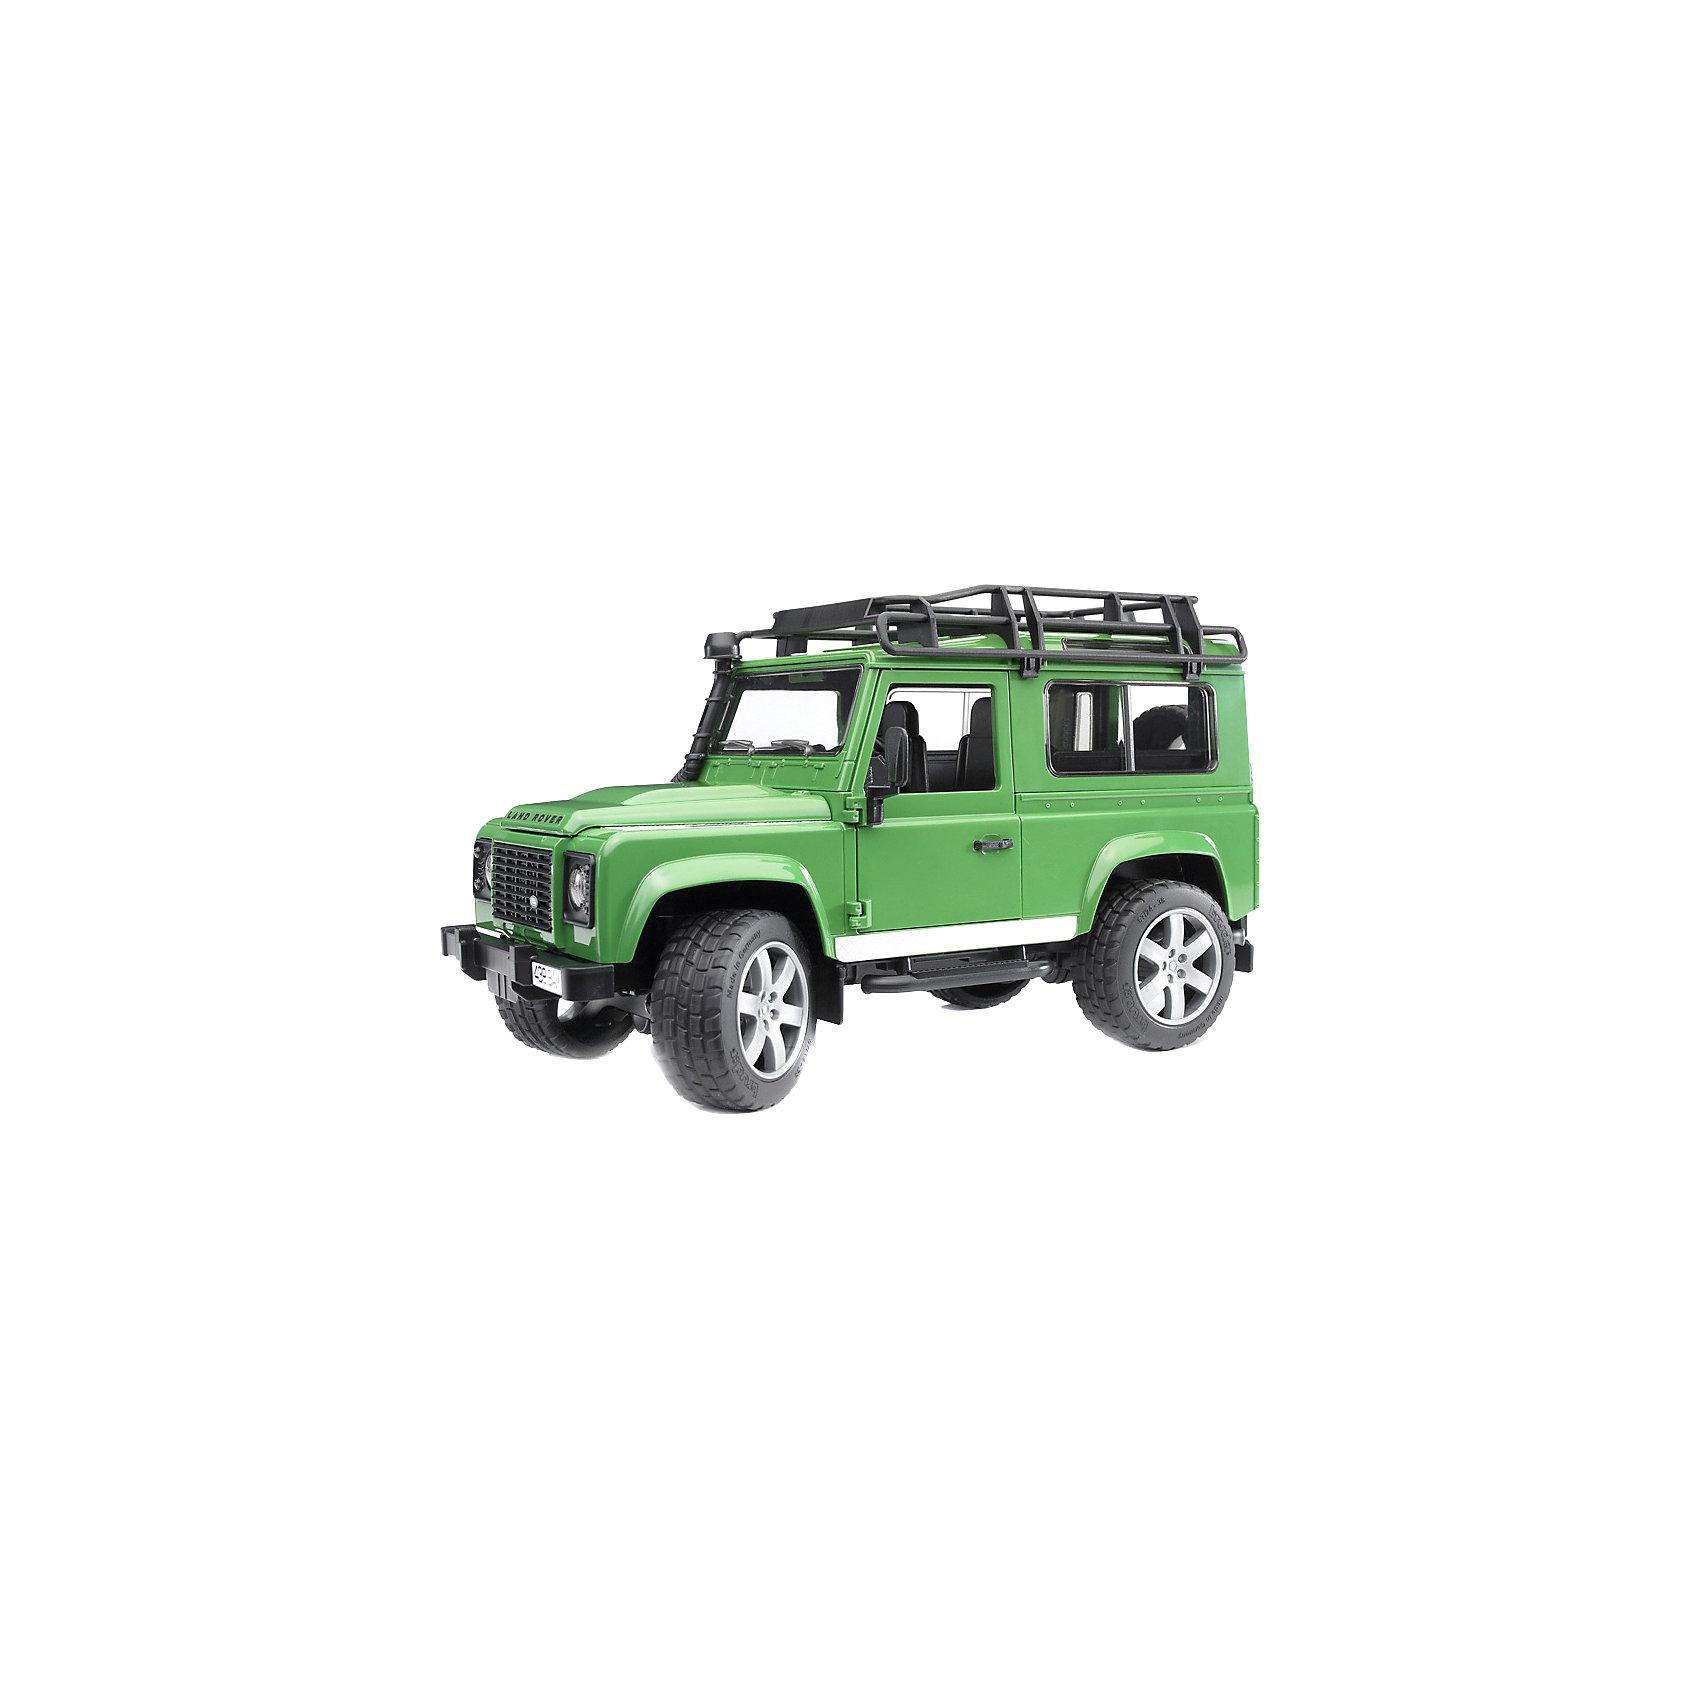 Внедорожник Land Rover DefenderКоллекционные модели<br>Внедорожник Land Rover Defender - копия реальной техники в масштабе 1:16.<br><br>Особенности игрушки:<br><br>- Капот двигателя открывается и закрепляется на поддерживающей стойке. В закрытом положении плотно фиксируется защёлками.<br>- Передние двери и задний борт машины открываются, есть запасное колесо. <br>- При необходимости перевозки груза, снимаются задние сидения.<br>- Вращая руль в кабине, можно управлять передними колесами – при его повороте колёса заворачивают и машина движется в нужную сторону.<br>- Протекторы шин имеют четкий рельеф и не гремят при езде.<br>- Лебедка в комплект не входит.<br><br>Дополнительная информация:<br><br>- Материал: пластмасса.<br>- Размеры упаковки: 16 х 38 х 16,5 см.<br>- Вес: 780 гр.<br><br>Внедорожник Land Rover Defender от Bruder (Брудер) можно купить в нашем магазине.<br><br>Ширина мм: 384<br>Глубина мм: 159<br>Высота мм: 185<br>Вес г: 793<br>Возраст от месяцев: 36<br>Возраст до месяцев: 96<br>Пол: Мужской<br>Возраст: Детский<br>SKU: 2238045